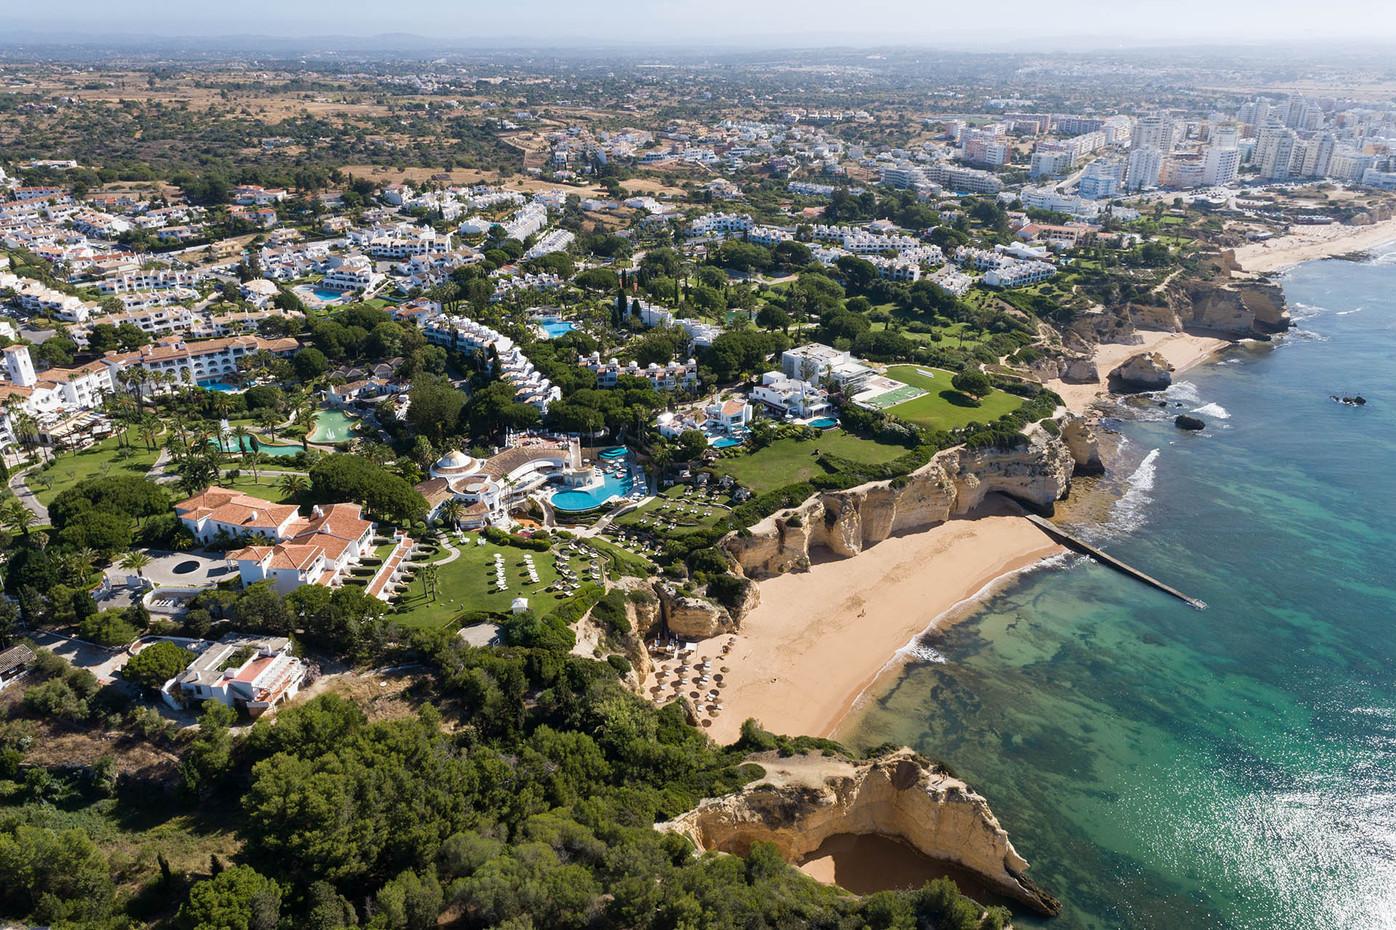 Barlavento litoral com Armação de Pêra ao fundo   |   Lagoa e Silves   |   08 de Julho de 2020